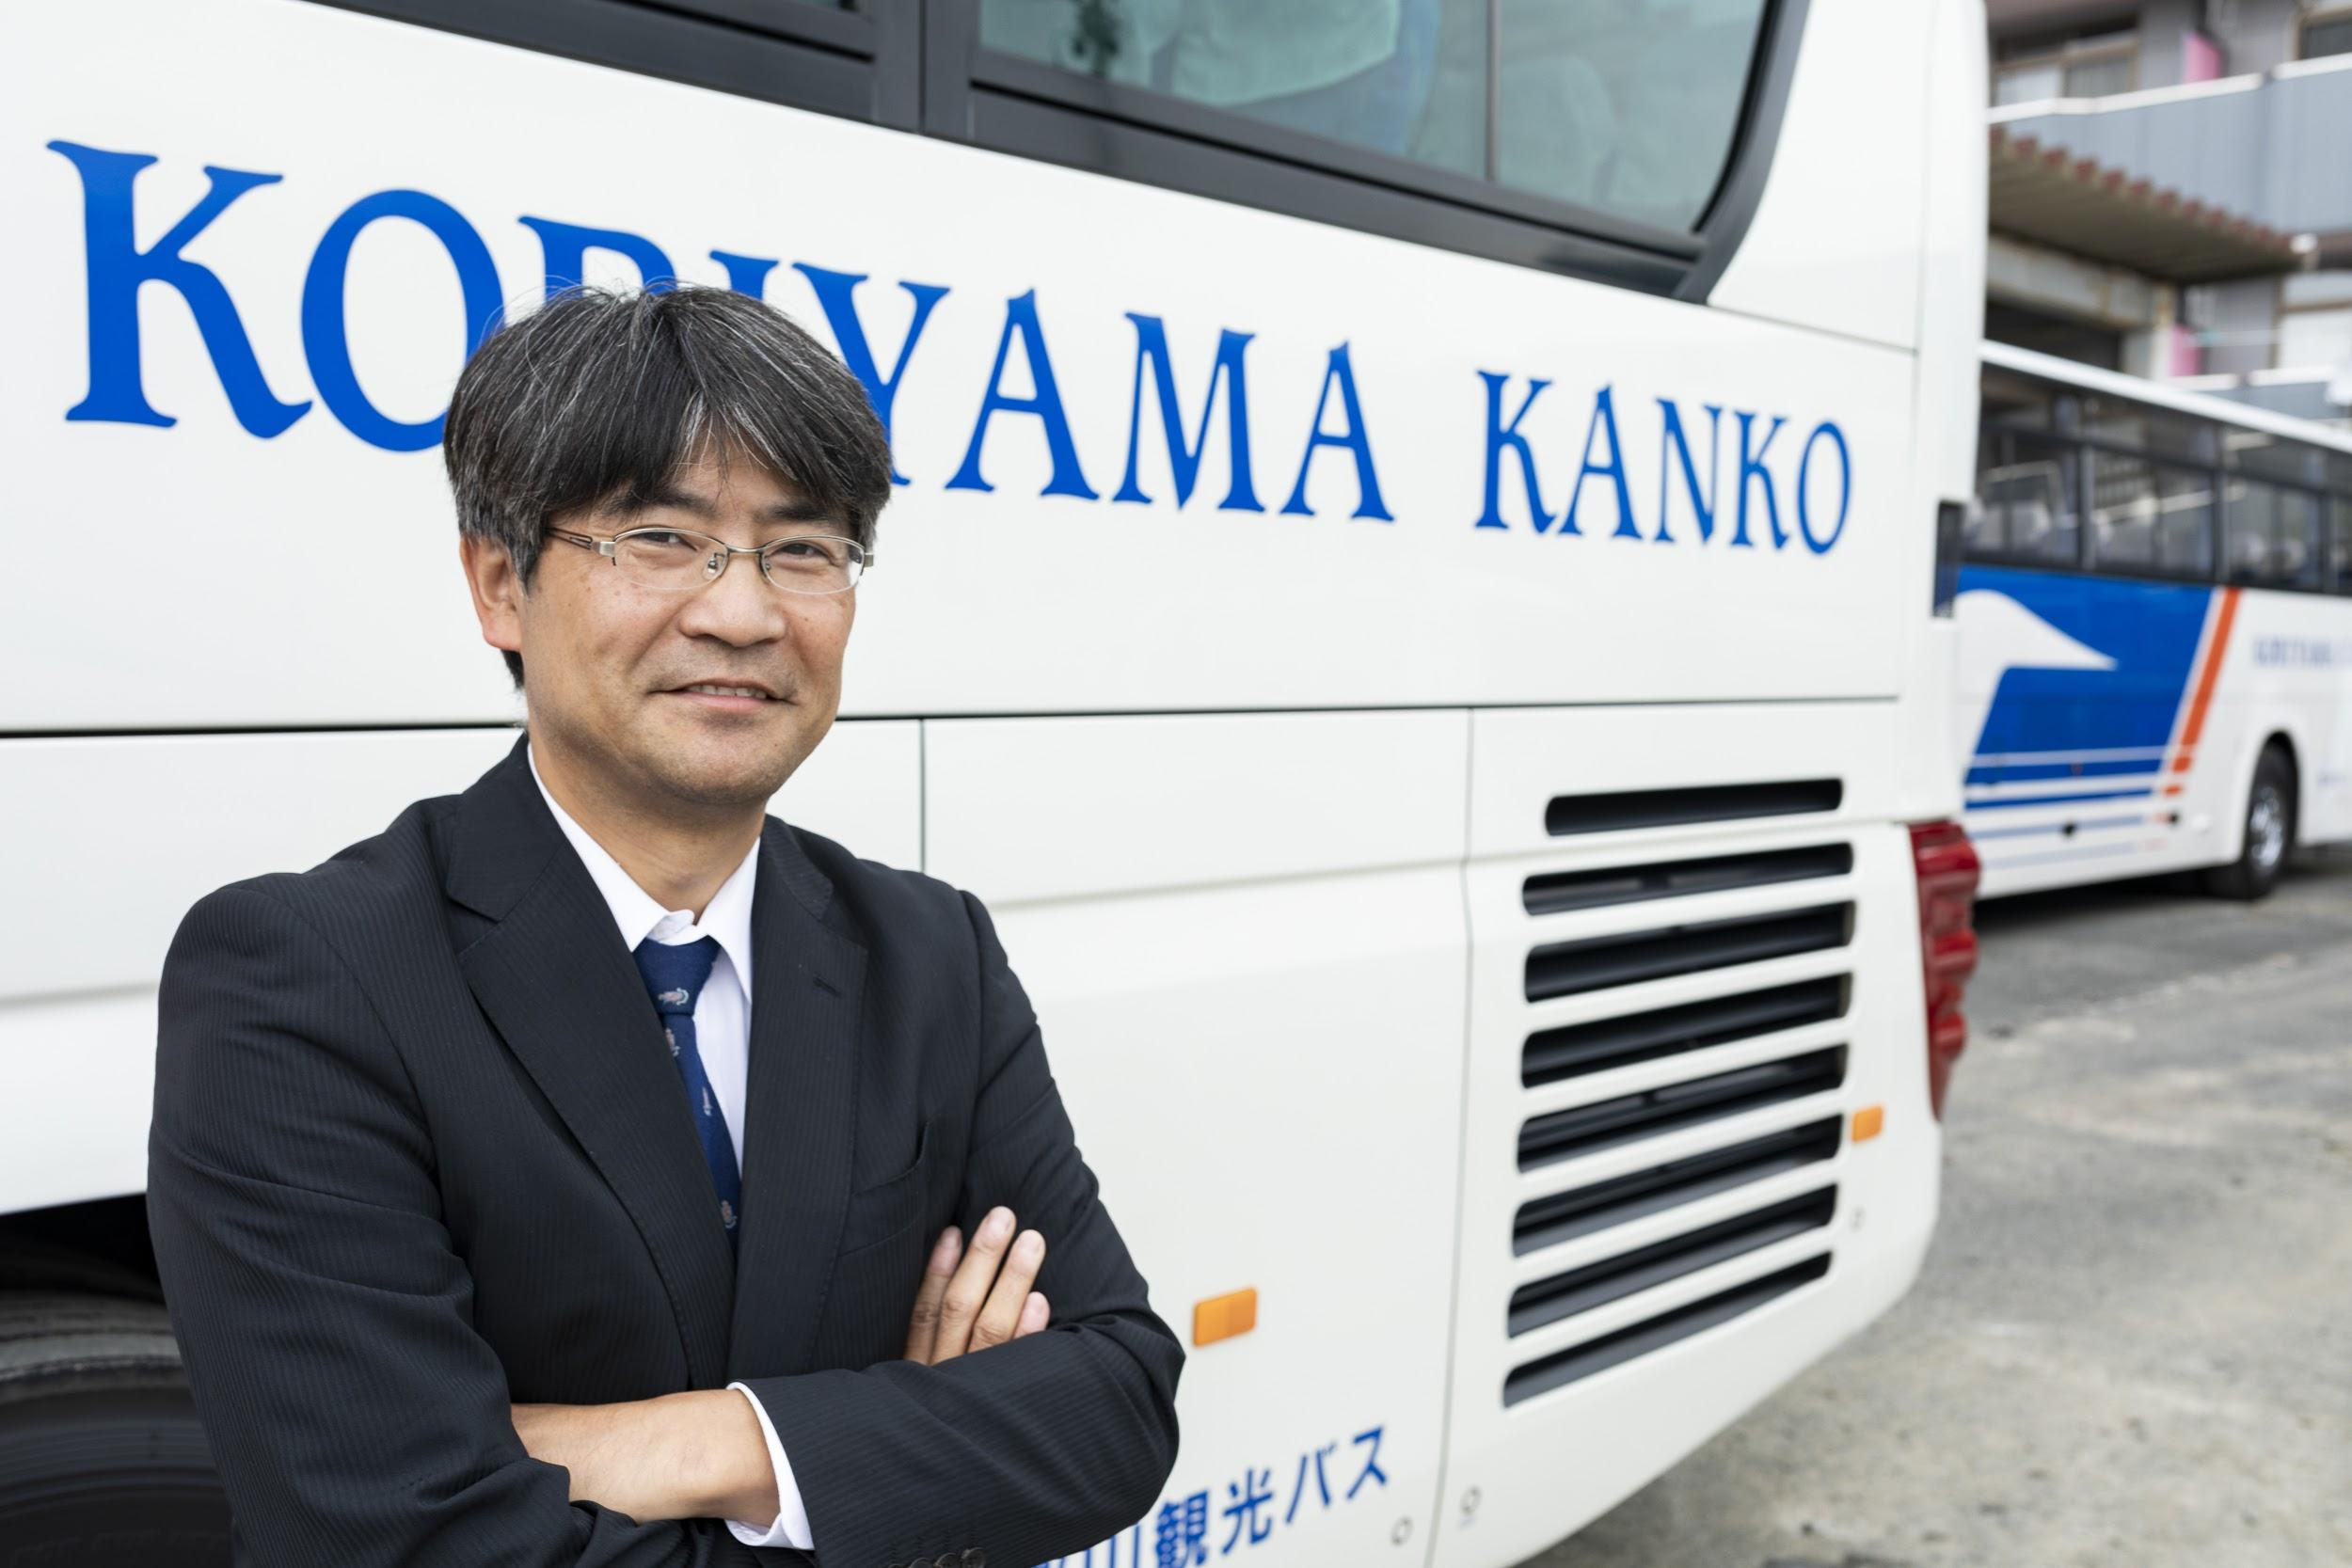 郡山観光交通株式会社 代表取締役 山口松之進さん